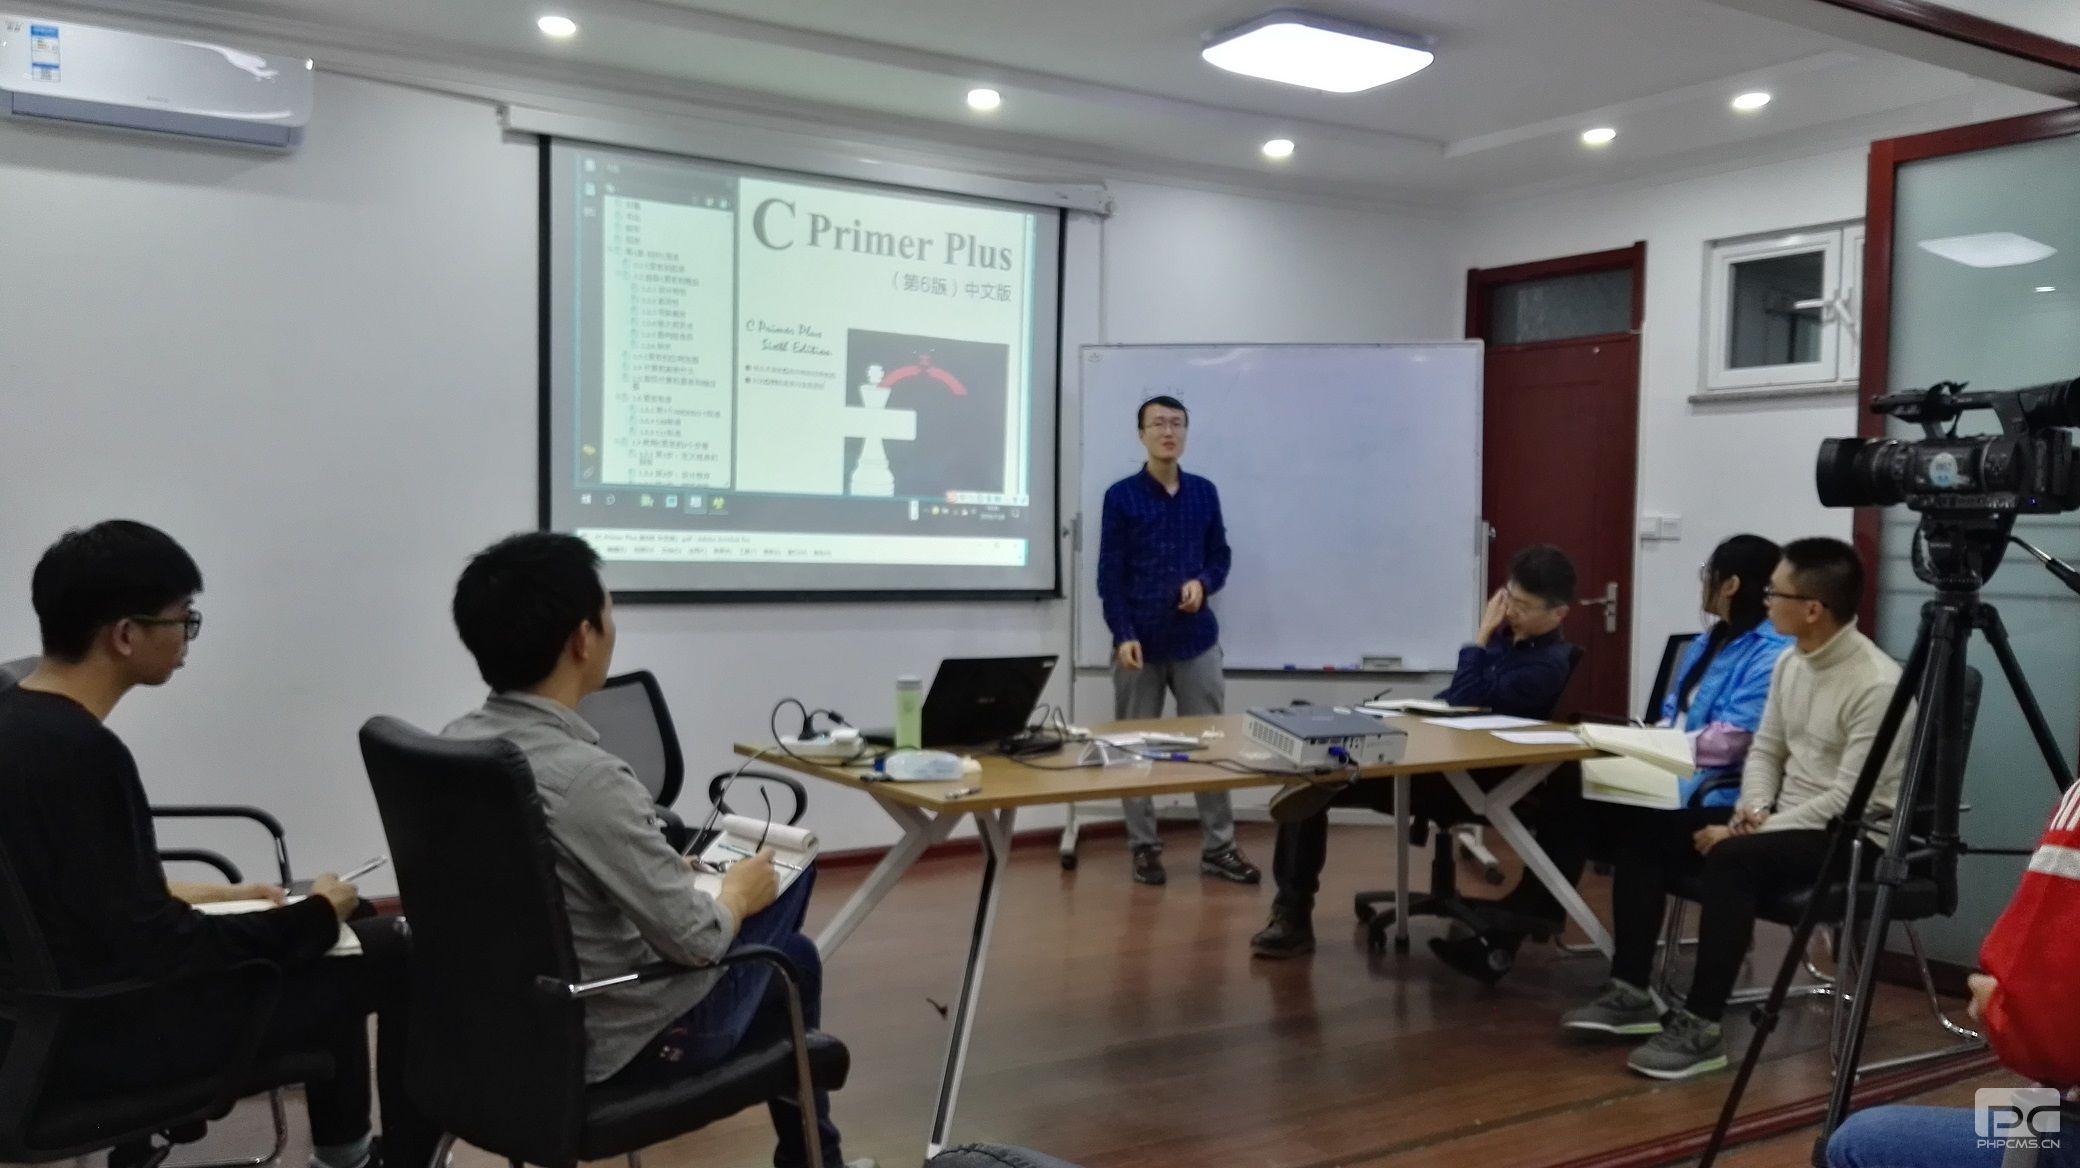 企业培训之C语言基础培训1